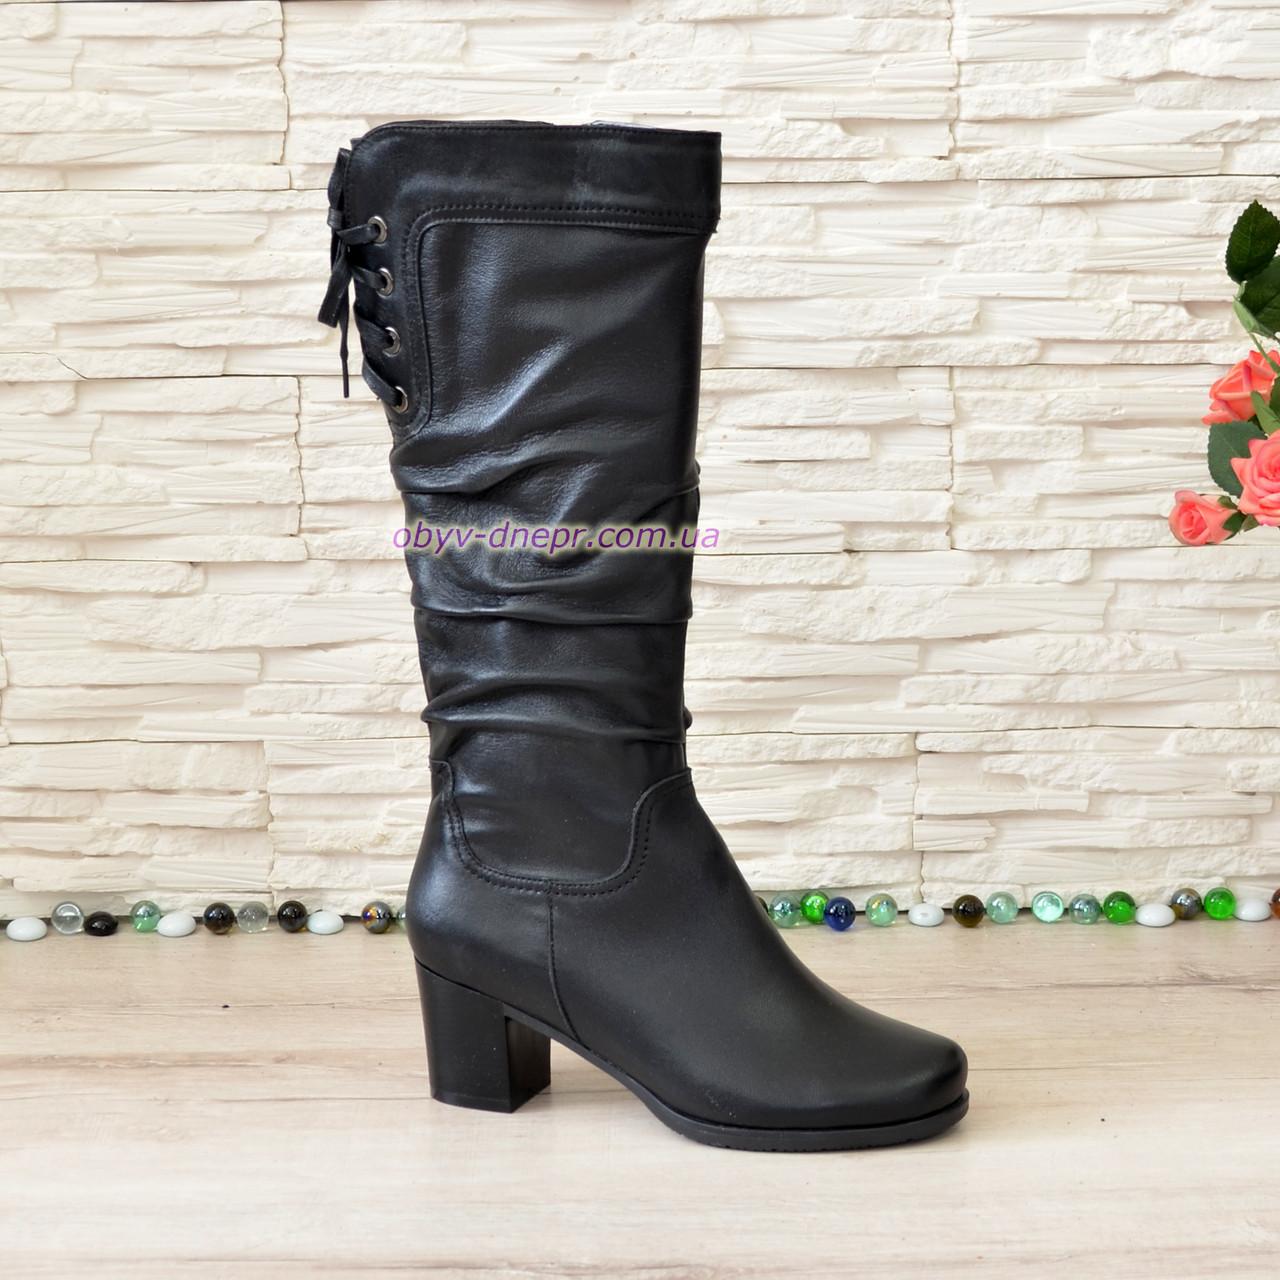 Сапоги демисезонные женские кожаные на невысоком устойчивом каблуке, декорированы шнуровкой